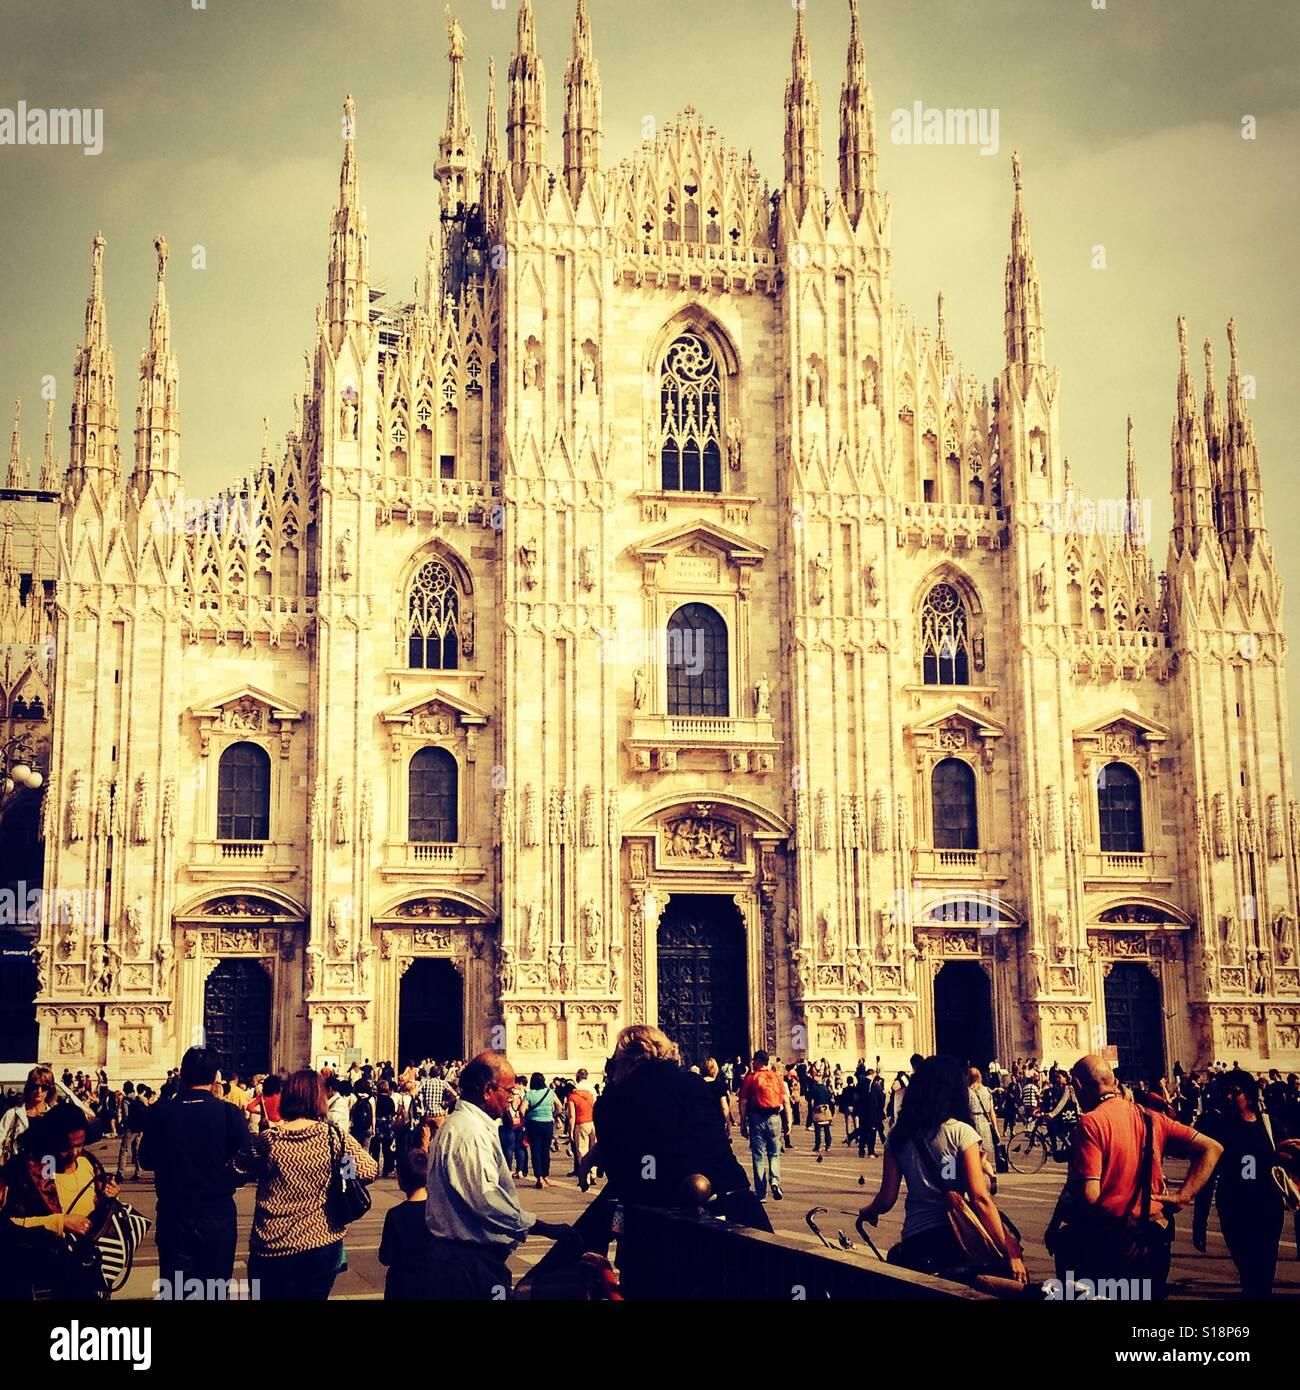 Milan weekend break #MustSee - Stock Image